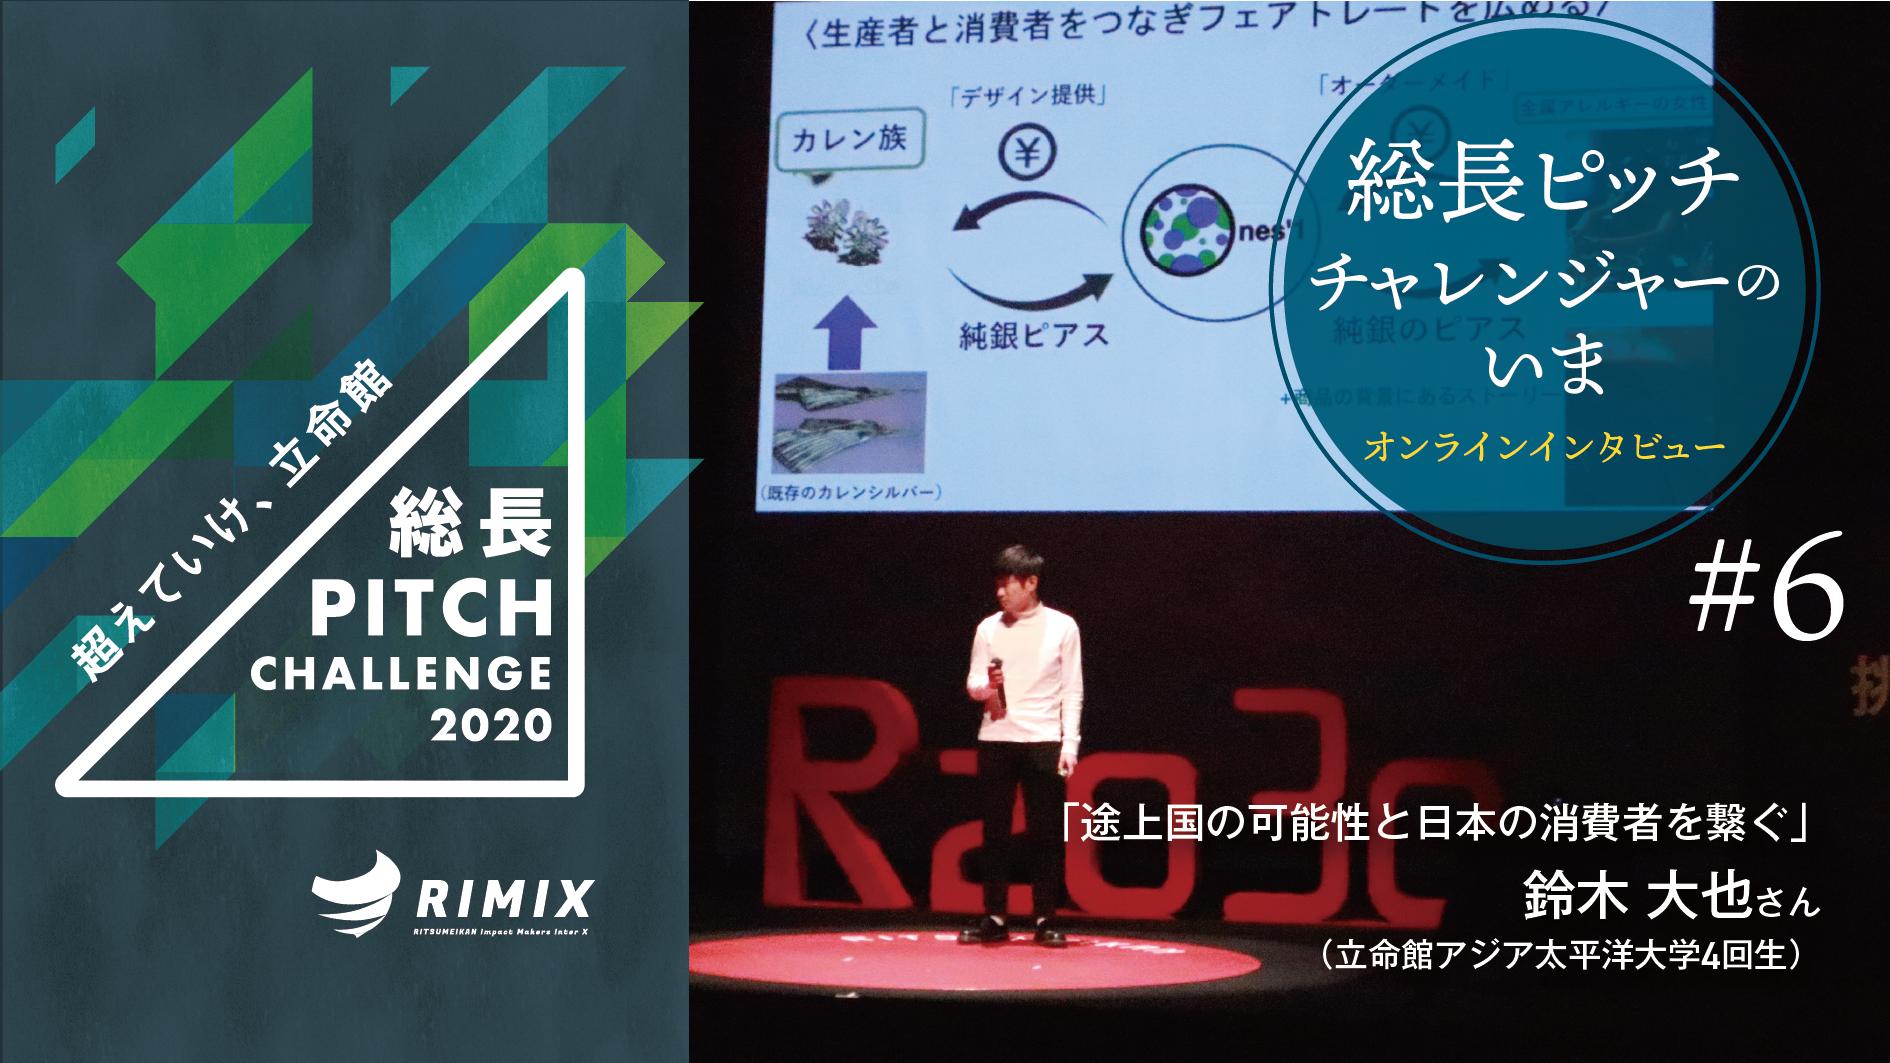 【総長ピッチチャレンジャーのいま】オンラインインタビュー#6 「途上国の可能性と日本の消費者を繋ぐ」